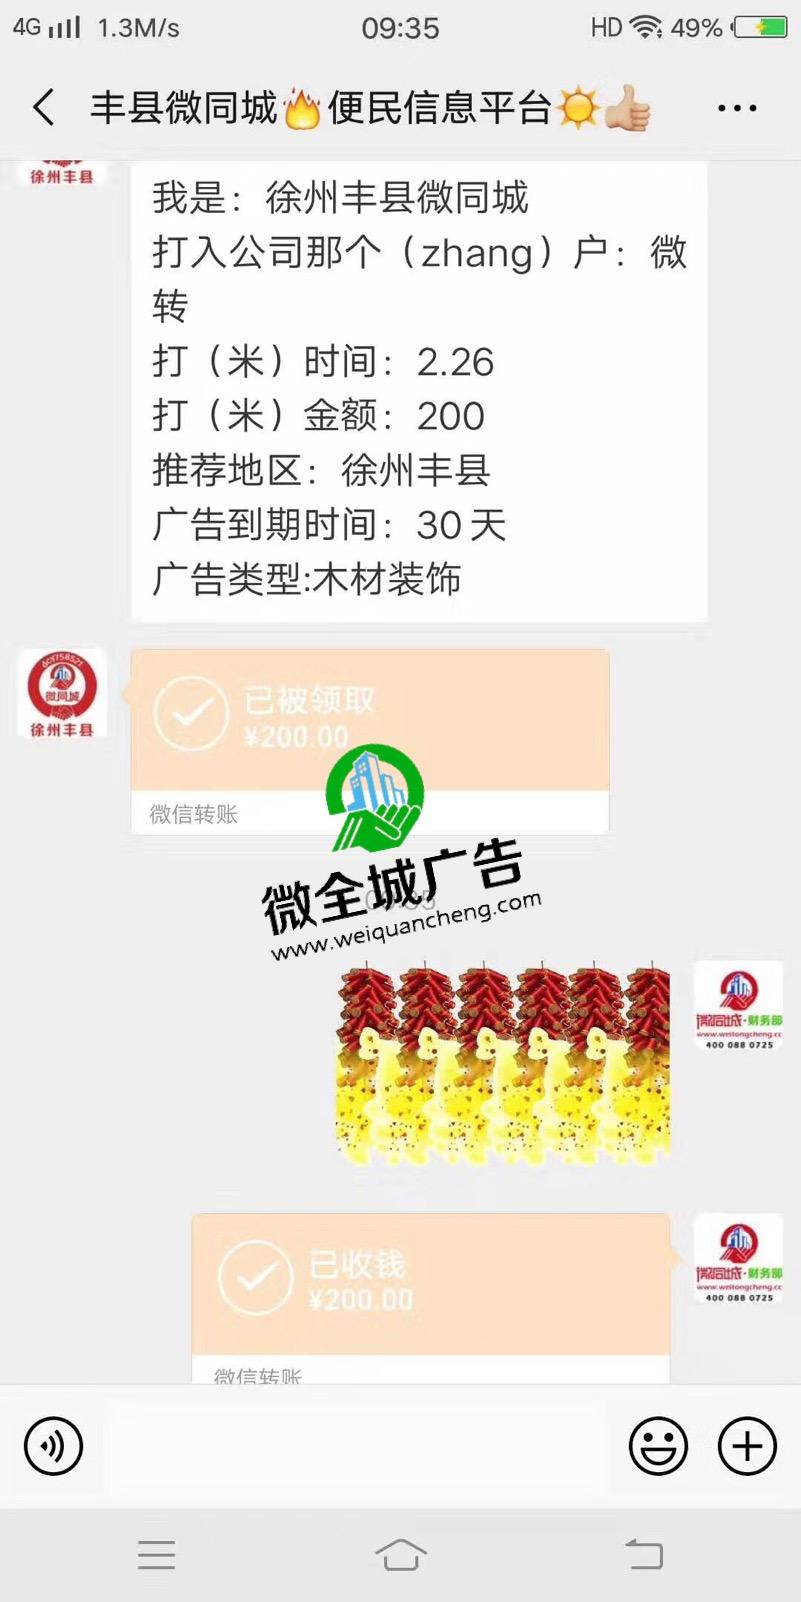 【木材装饰推广】祝贺徐州丰县微全城微帮